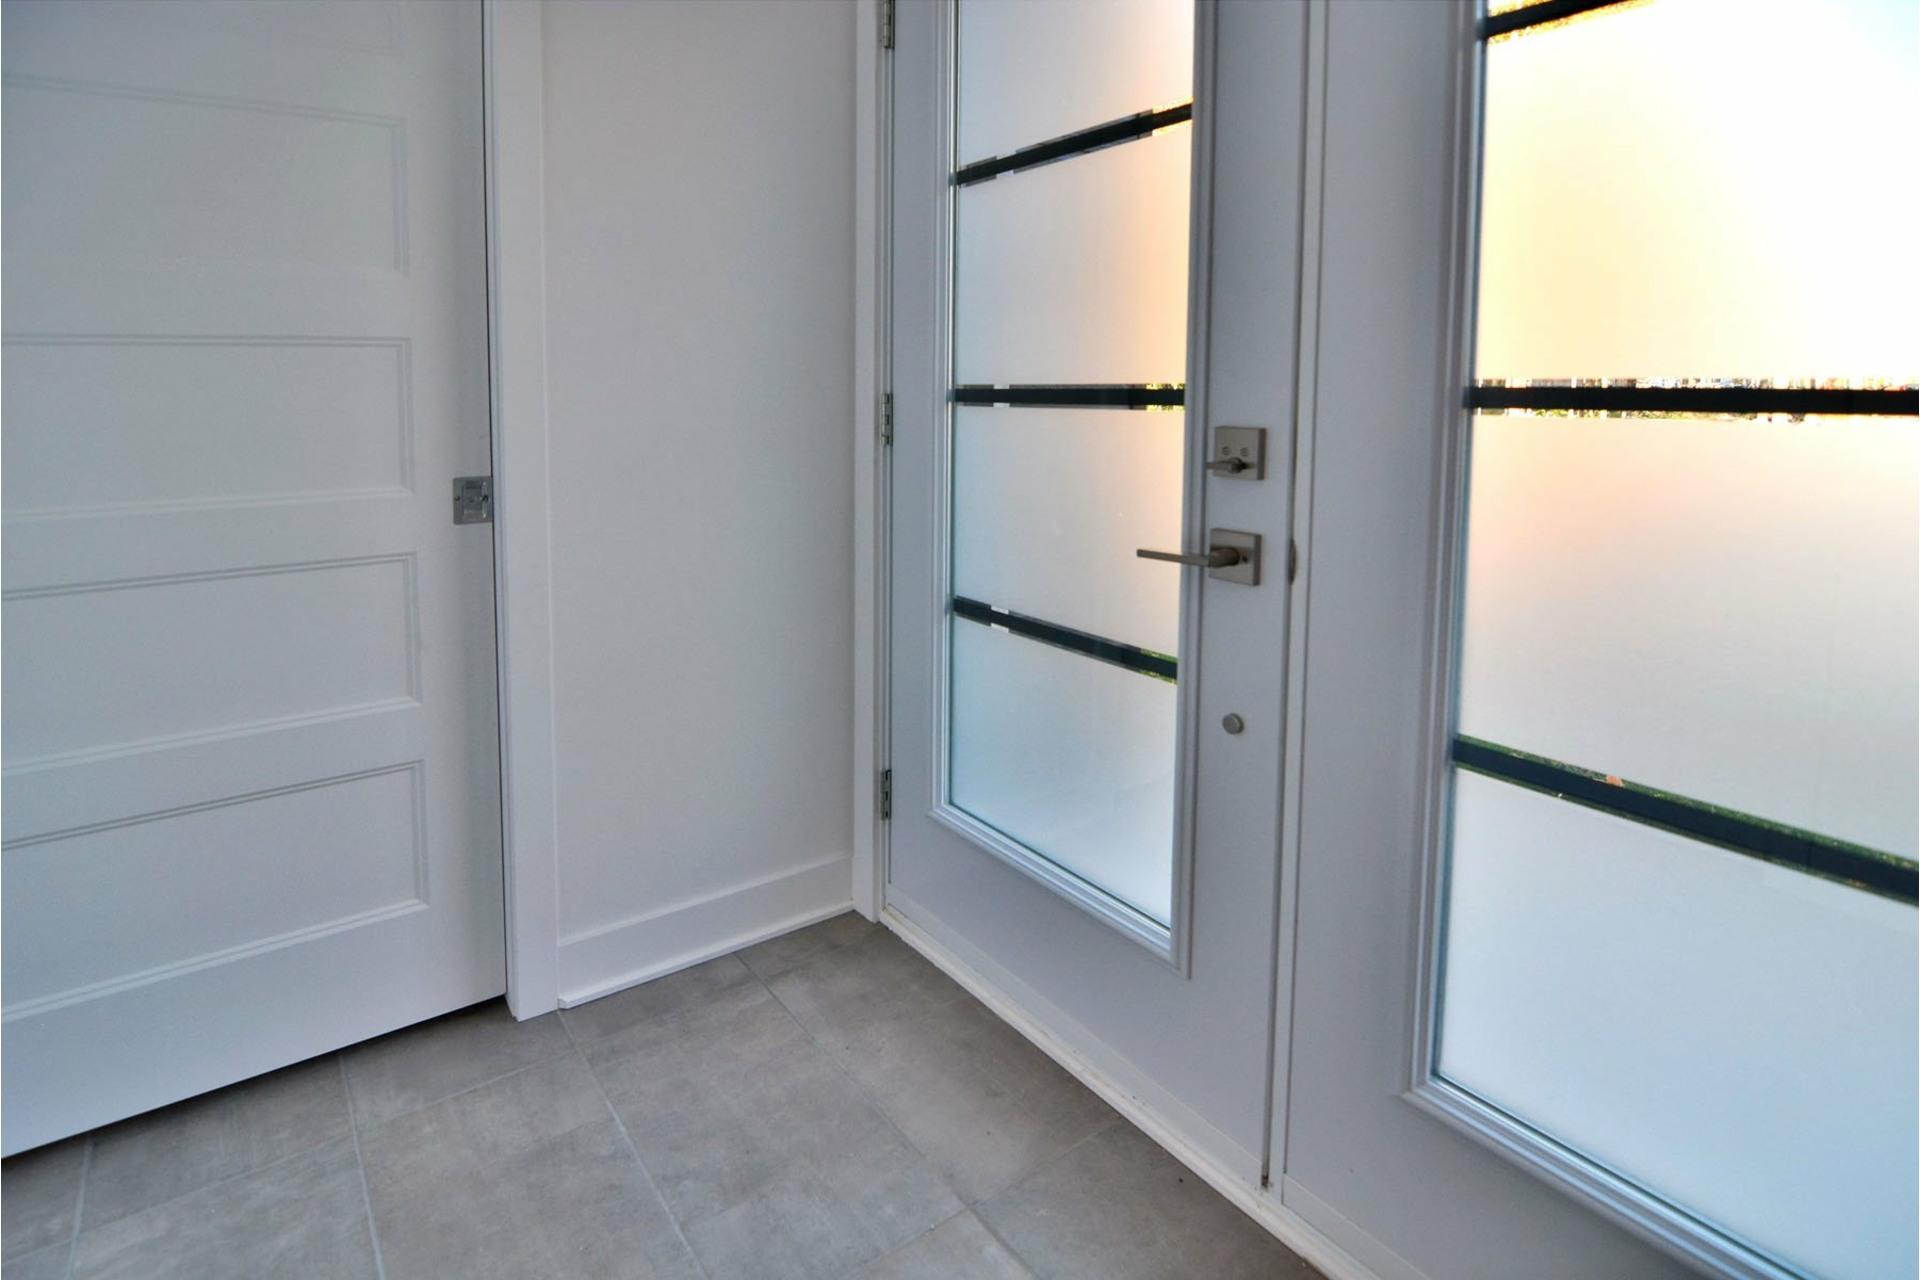 image 1 - Maison À vendre Coteau-du-Lac - 10 pièces